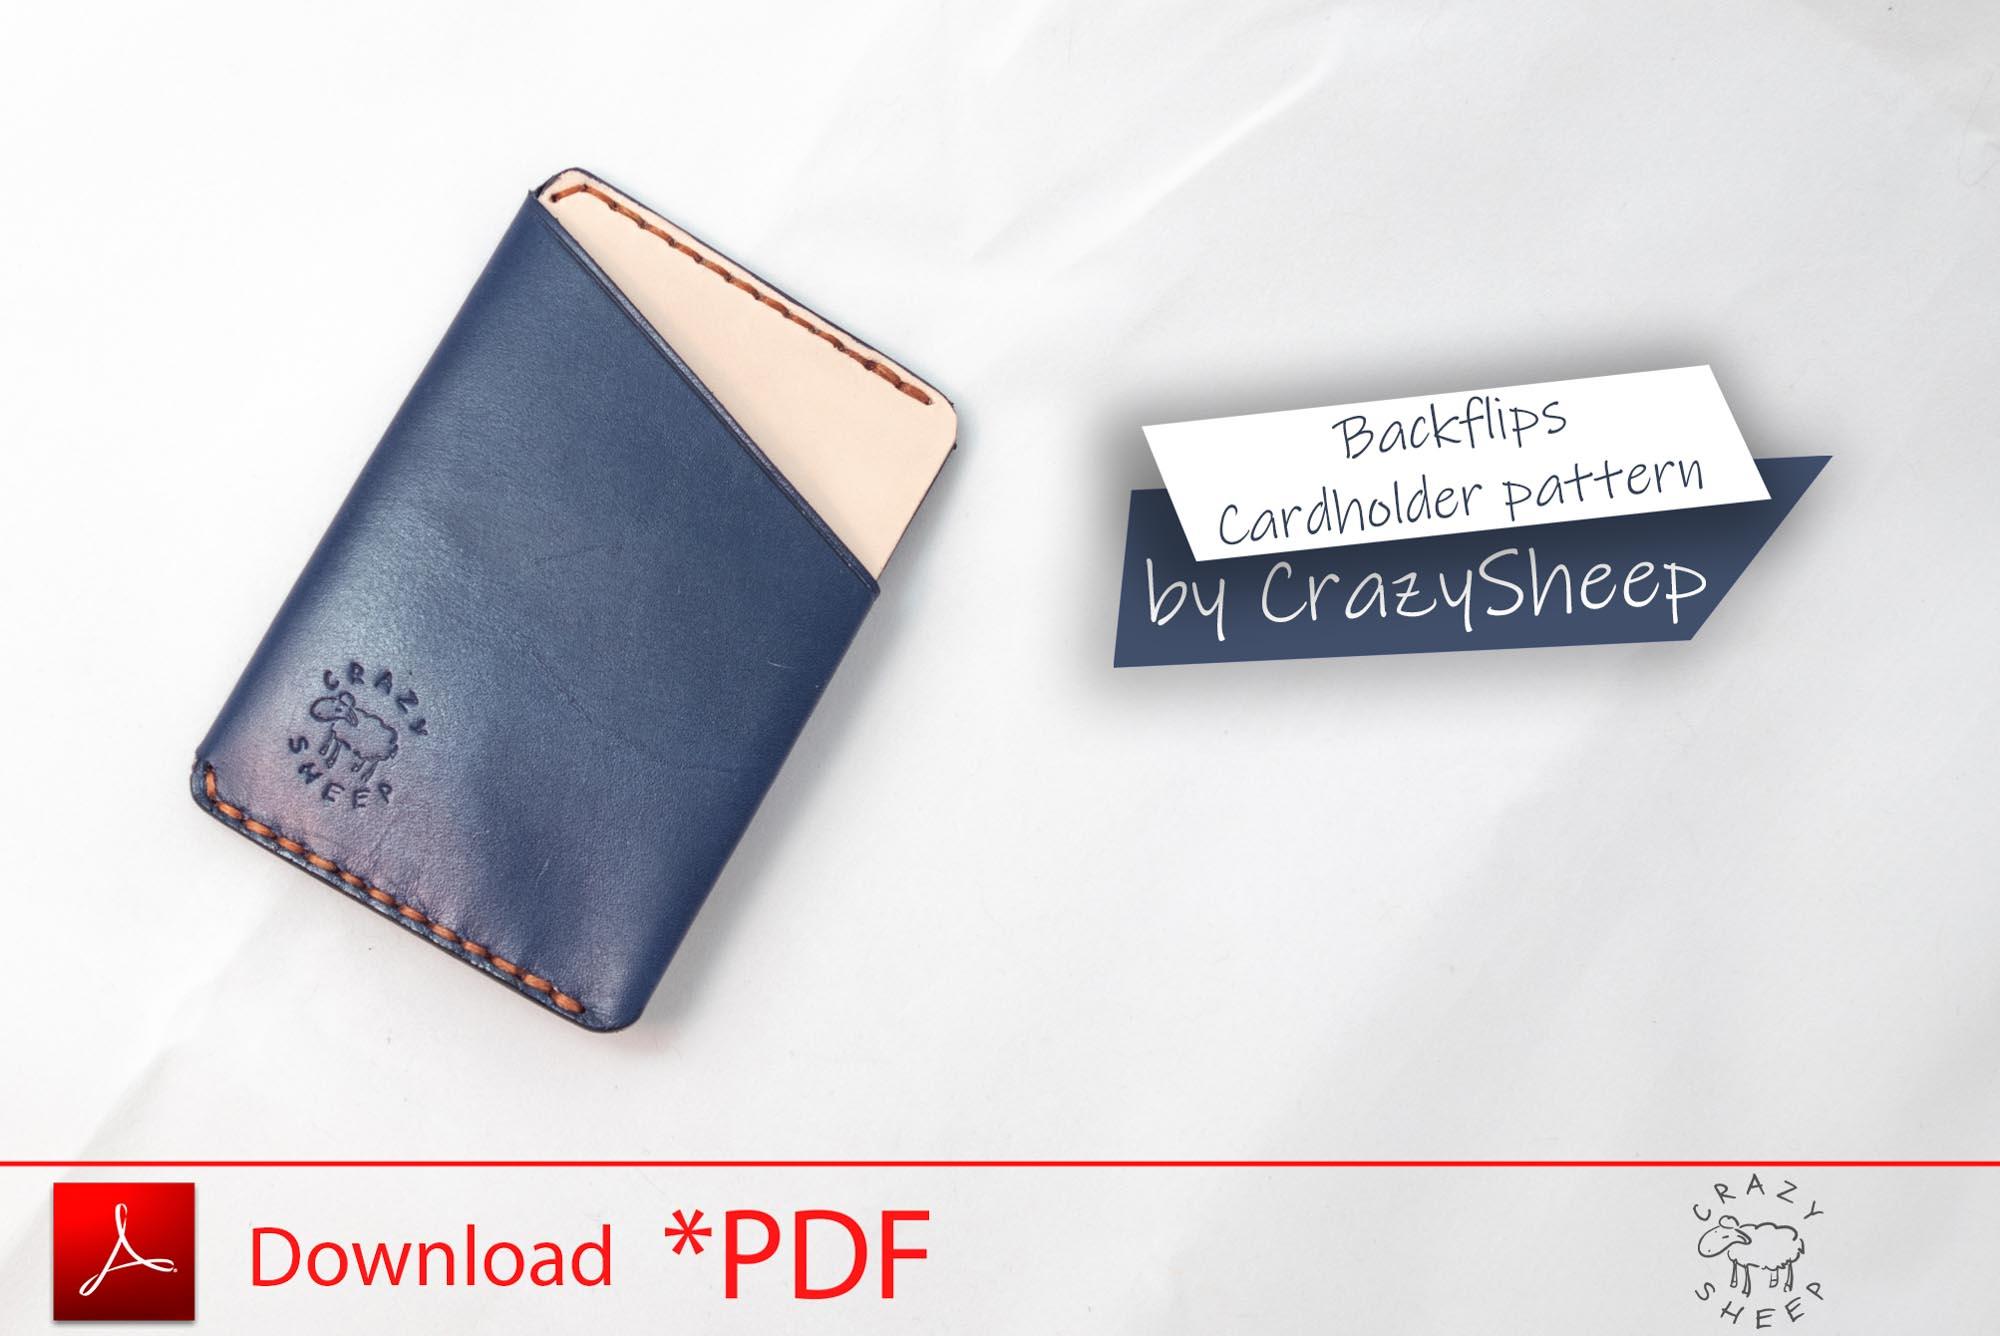 Backflips Cardholder